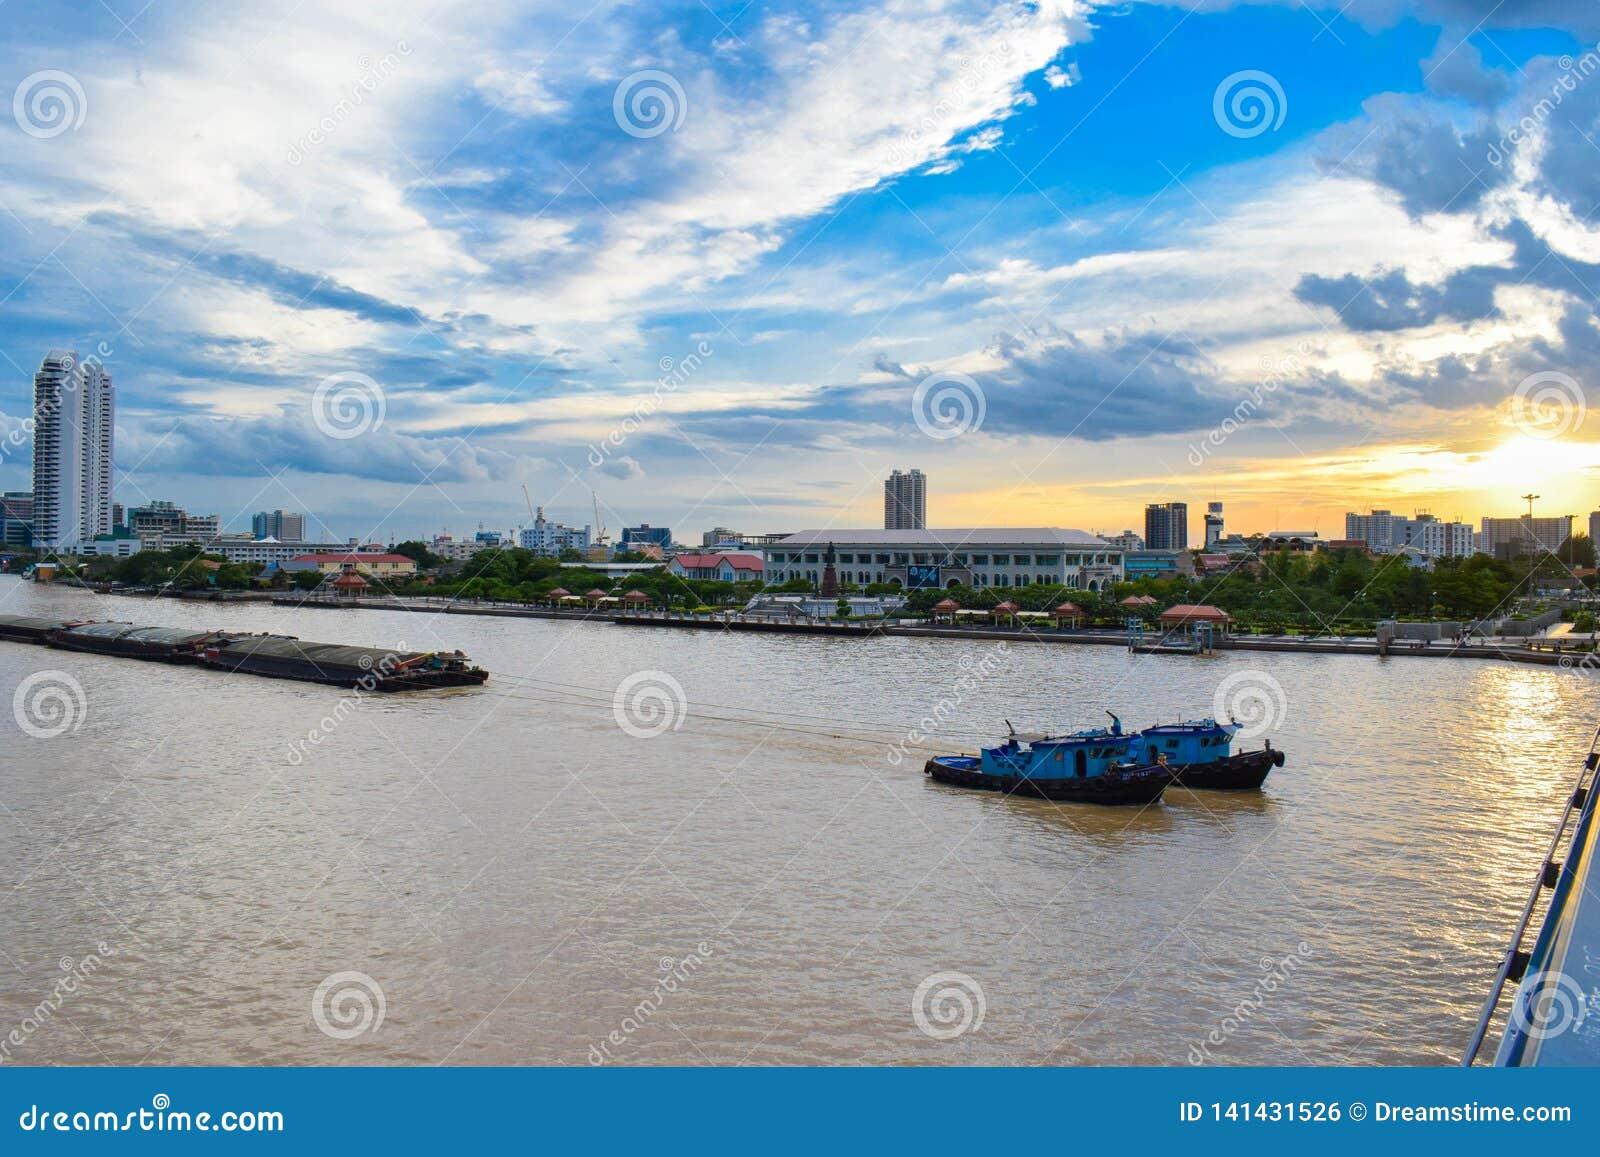 La nave da carico è una delle cose vedute in Chao Phraya River che è adiacente alla capitale, Bangkok